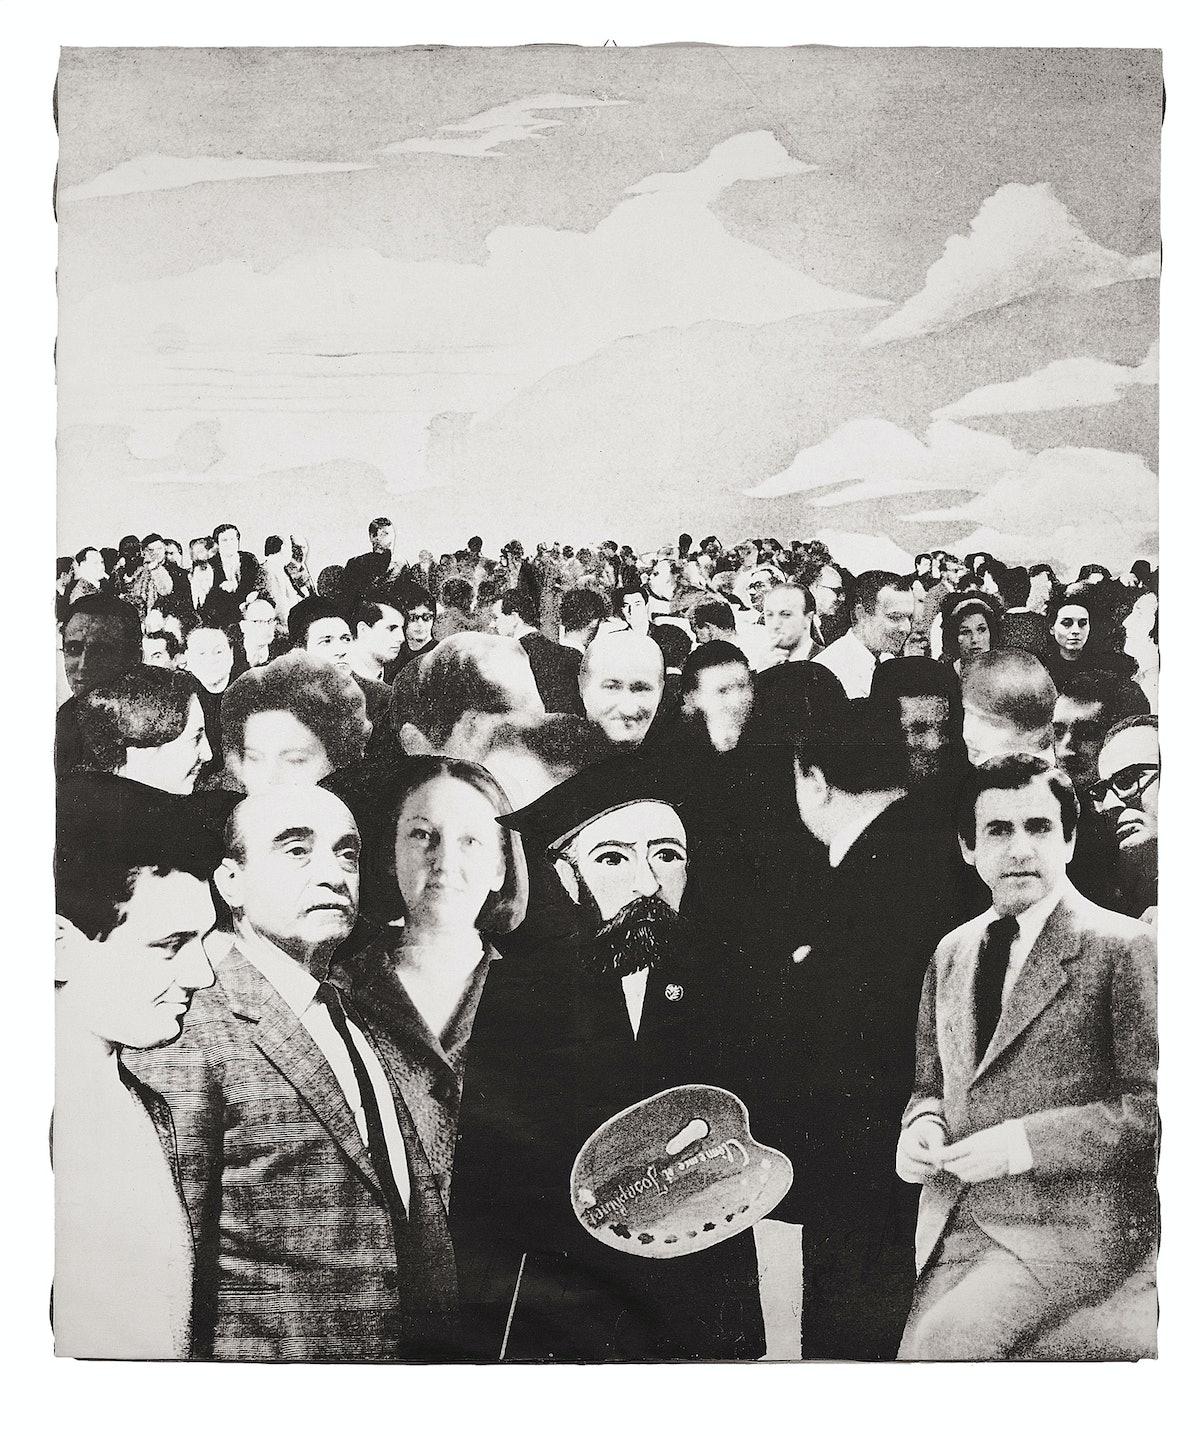 Giulio Paolini's Autoritratto